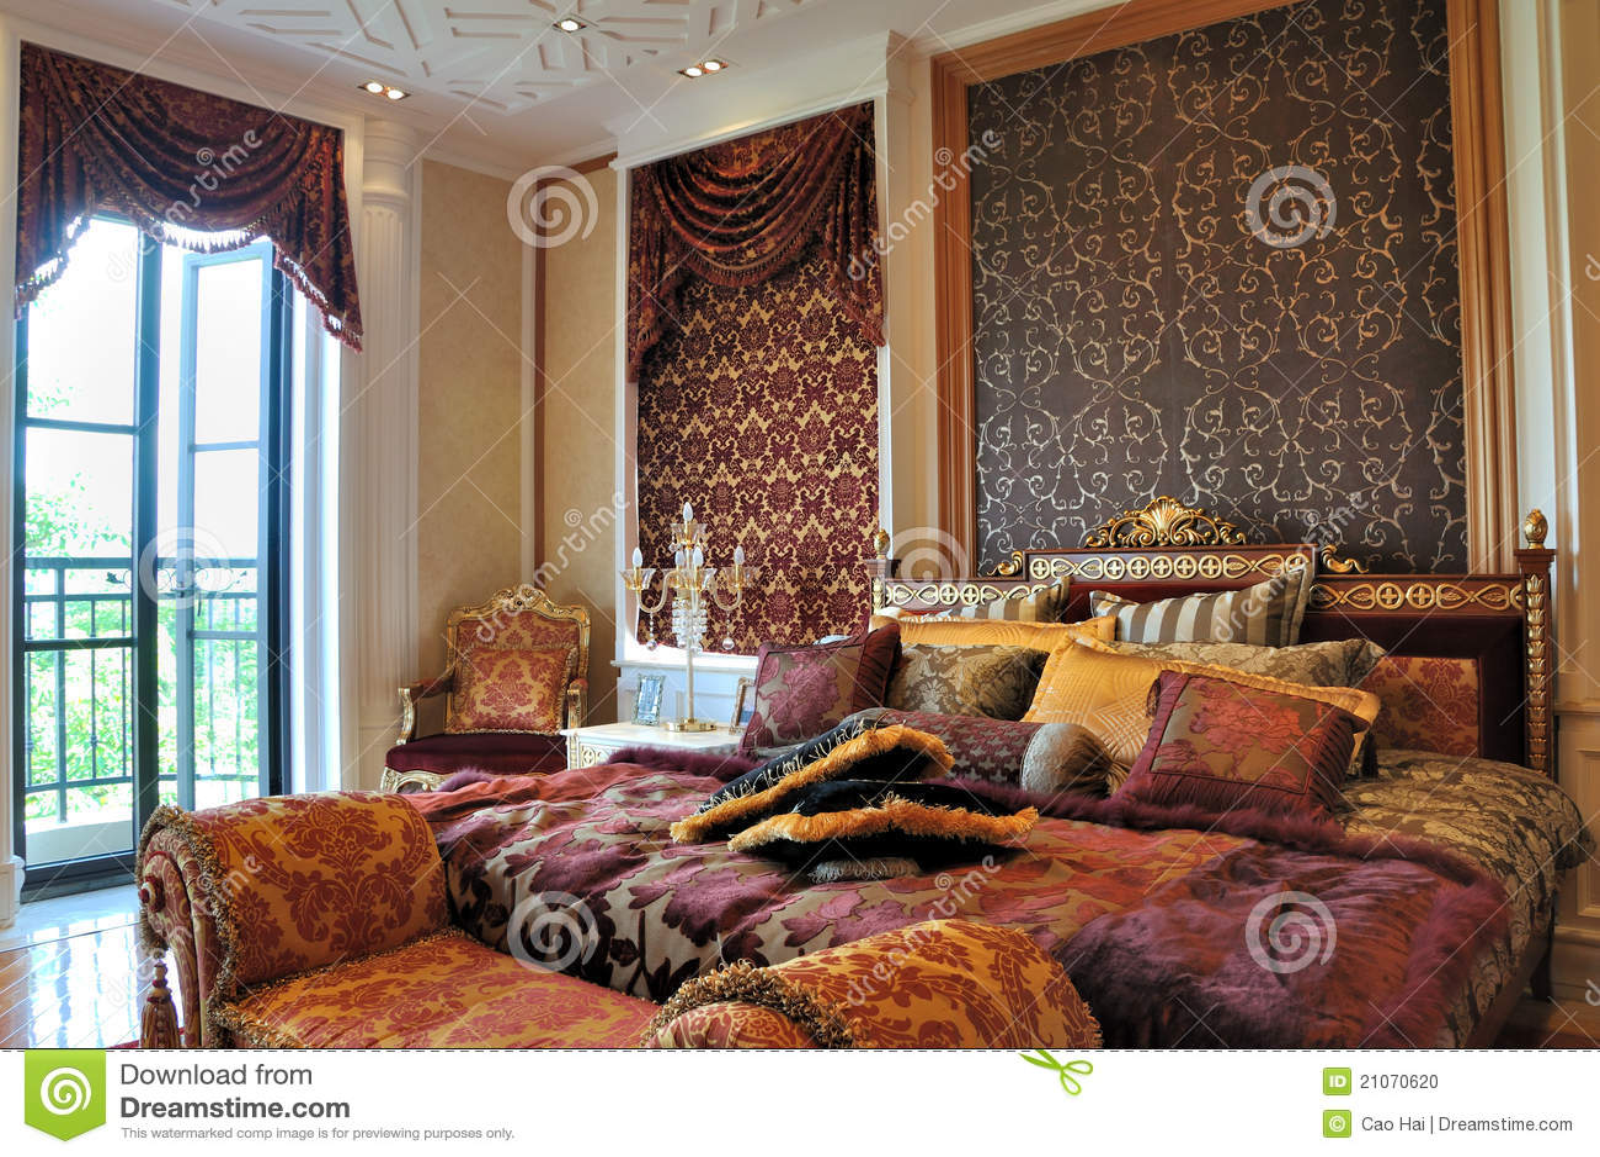 herrliches schlafzimmer mit beleuchtung stockfoto bild 21070620. Black Bedroom Furniture Sets. Home Design Ideas